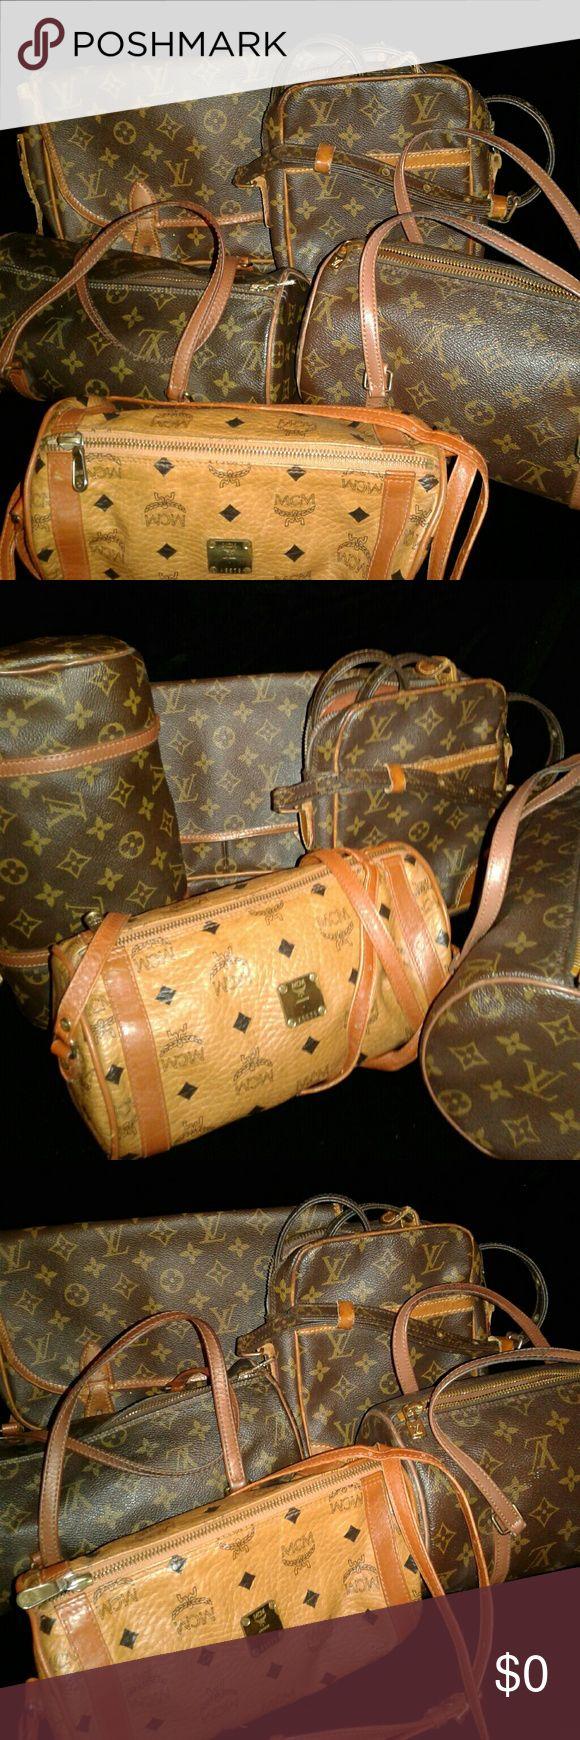 Authentic vintage LOUIS VUITTON AND MCM BAG Authentic vintage LOUIS VUITTON AND MCM BAG!! MCM  Bags